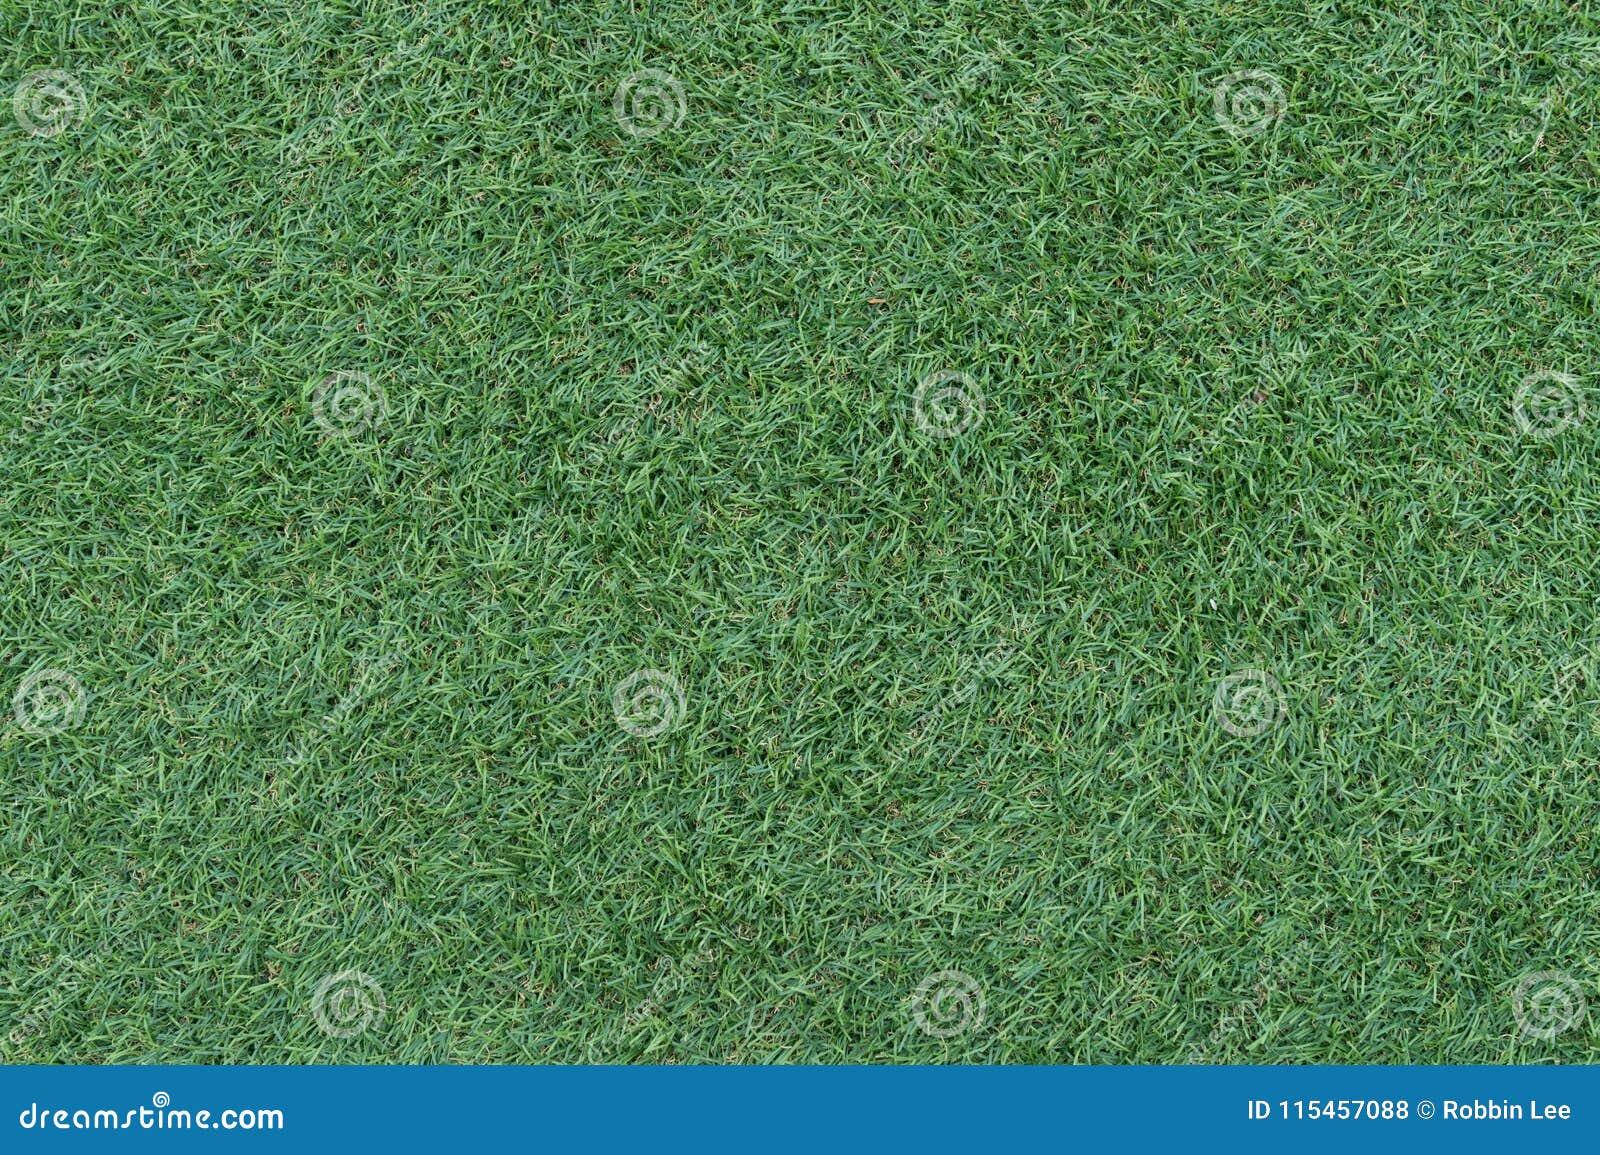 Fondo hermoso de la hierba verde, textura, modelo